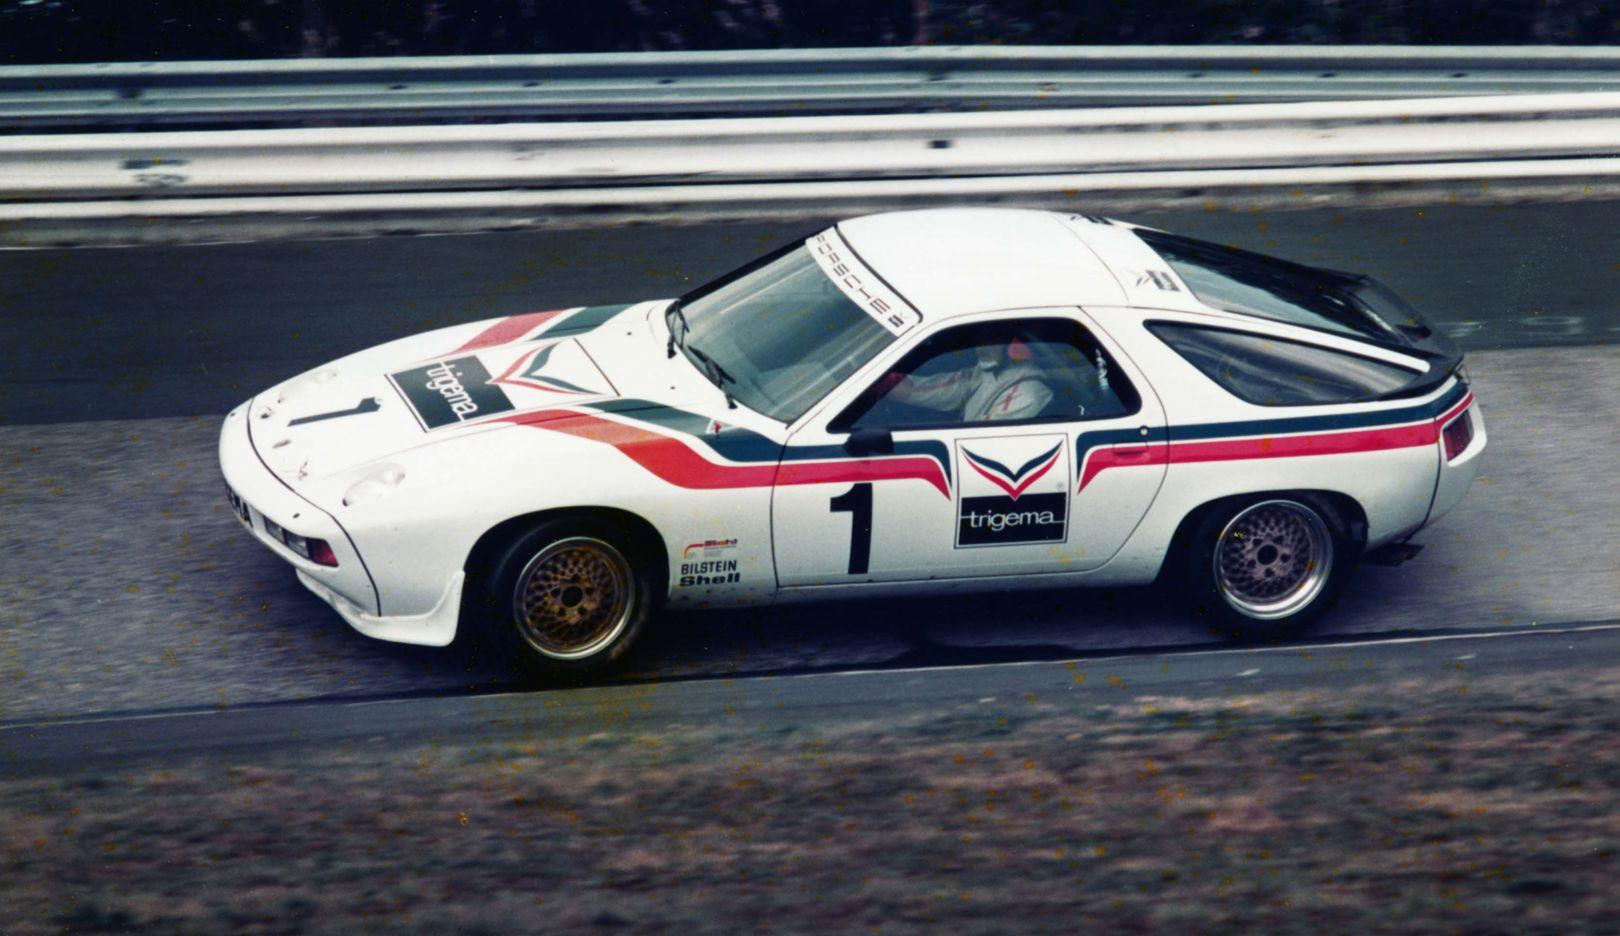 928, Trigema, 2014, Porsche AG